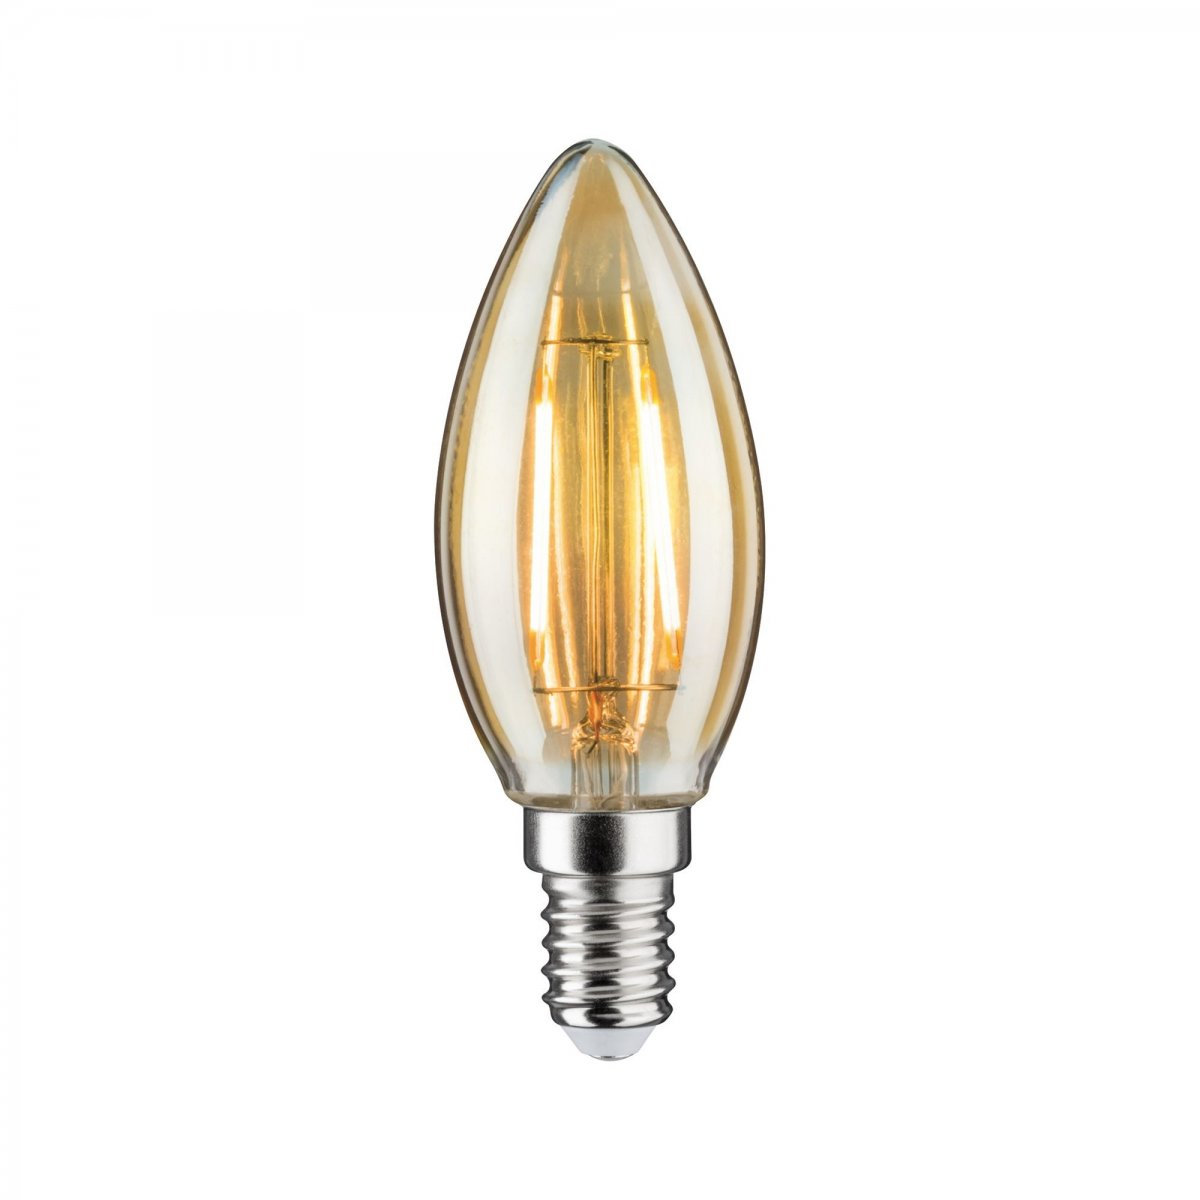 Retro Lampen Led : Esstischlampe retro lampe vintage industrielook mühlenholz led in